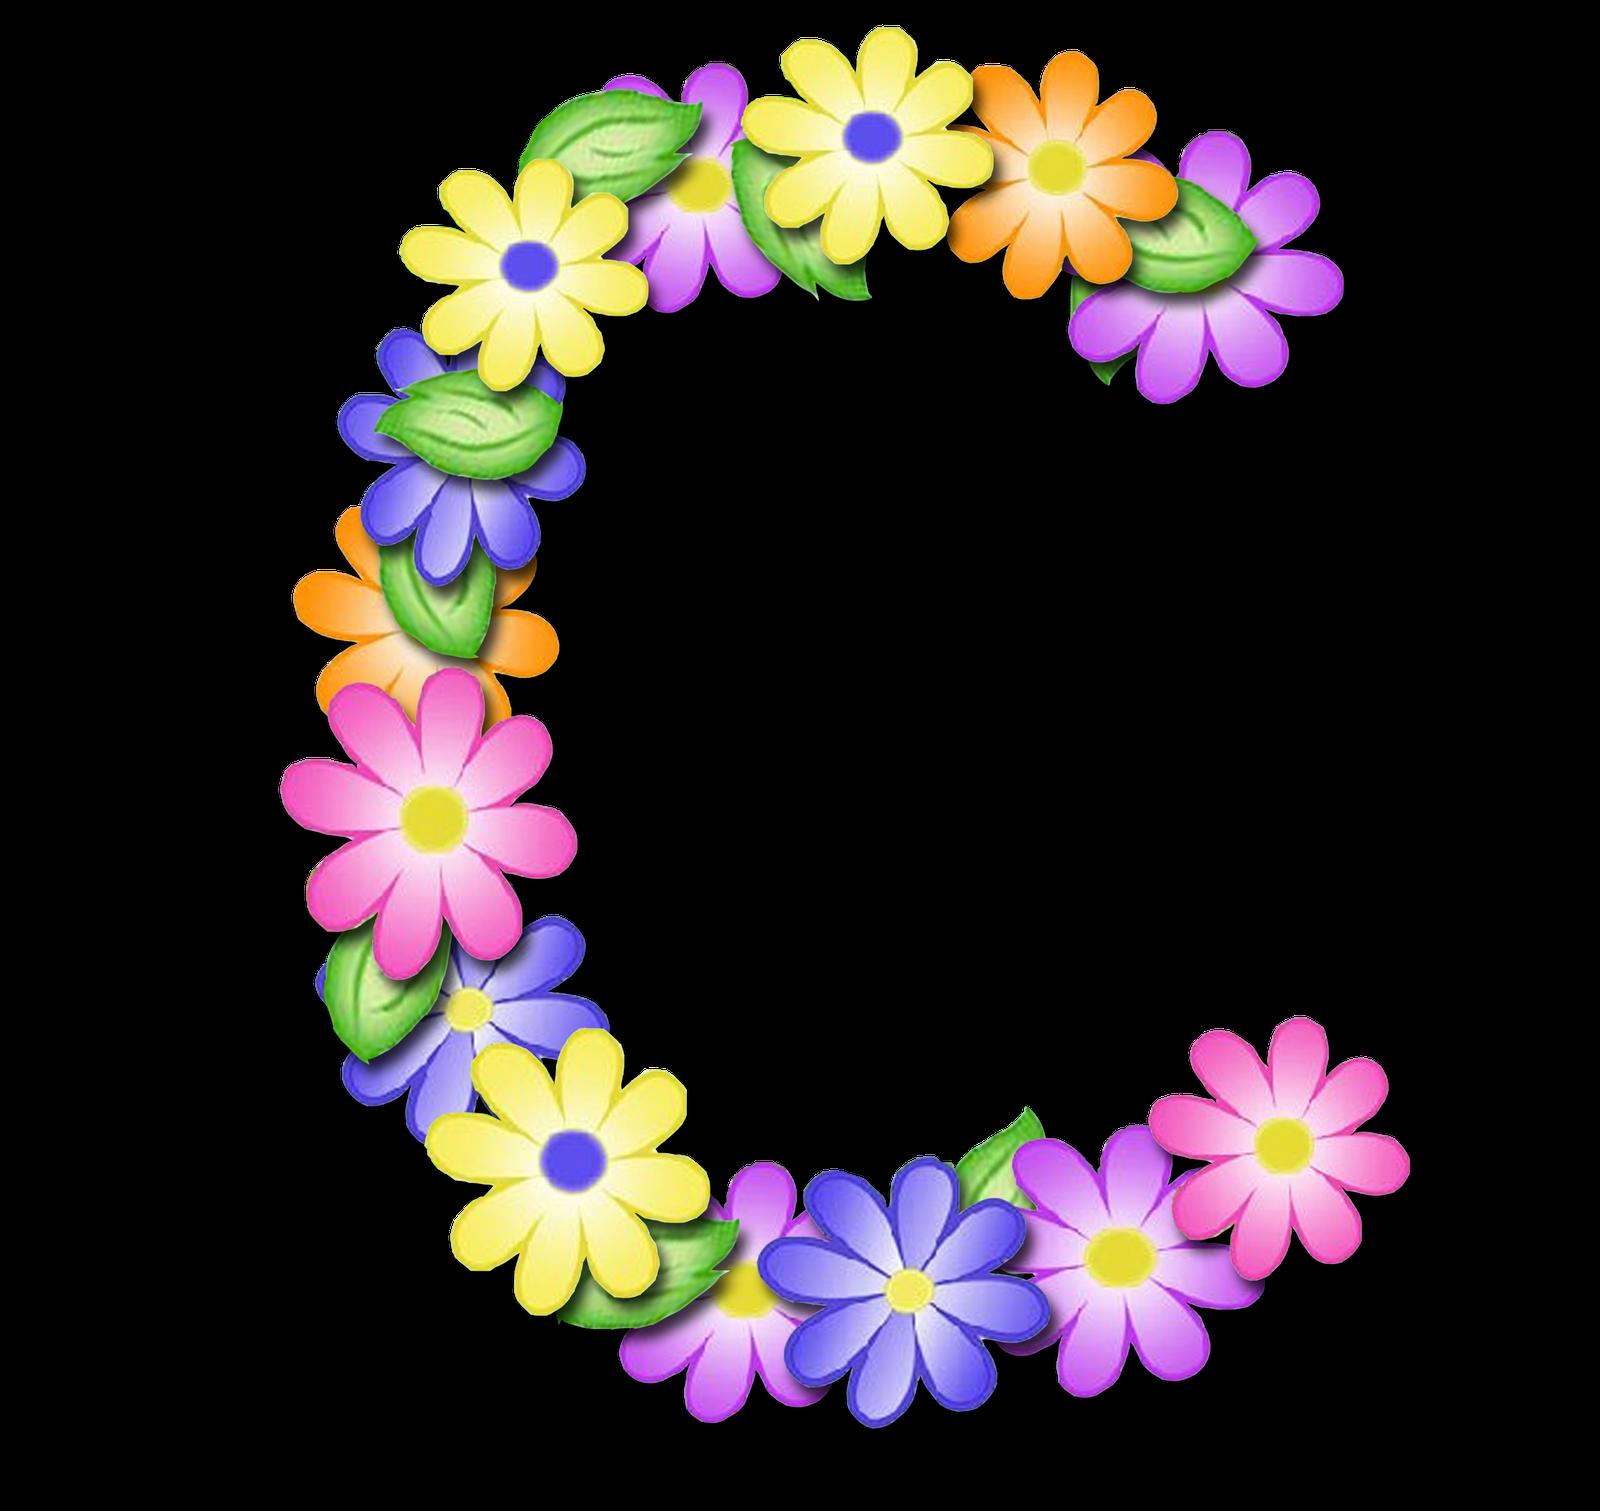 صور الحروف الإنجليزية بأجمل الزهور والورود بخلفية شفافة بنج png وجودة عالية للمصممين :: إبحث عن حروف إسمك بالإنجليزية C